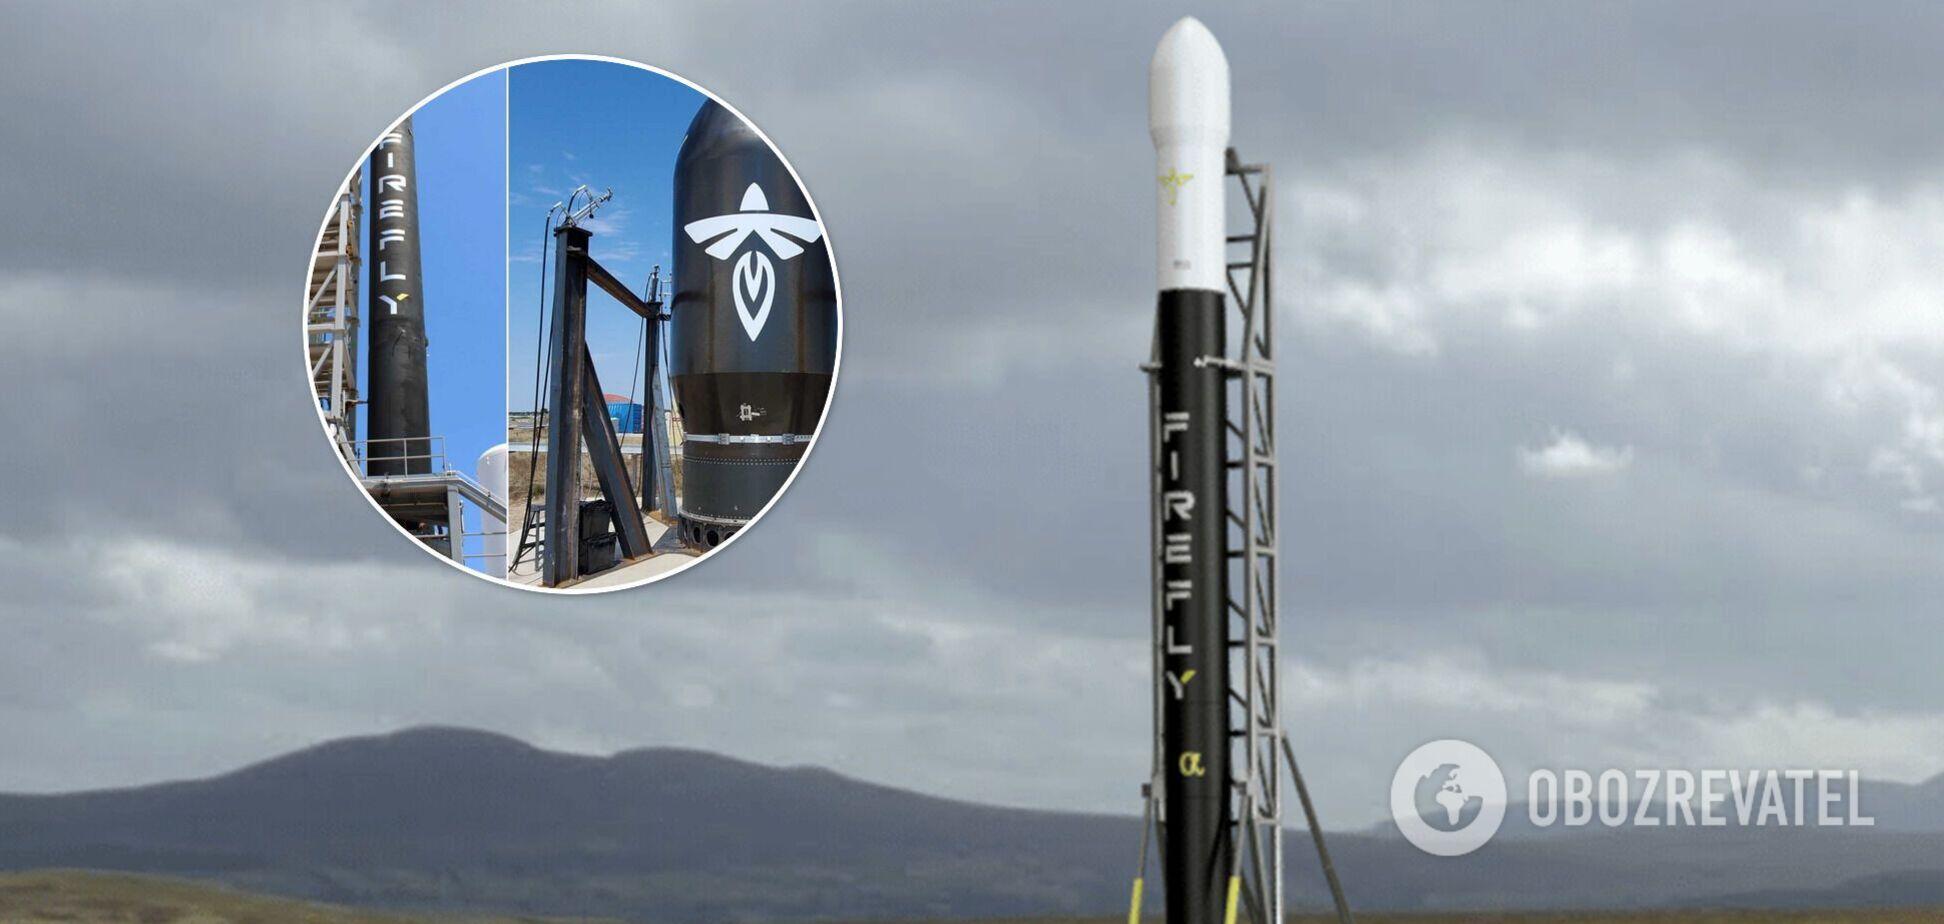 Firefly Aerospace успішно провела наземні вогневі випробування першого ступеня ракети